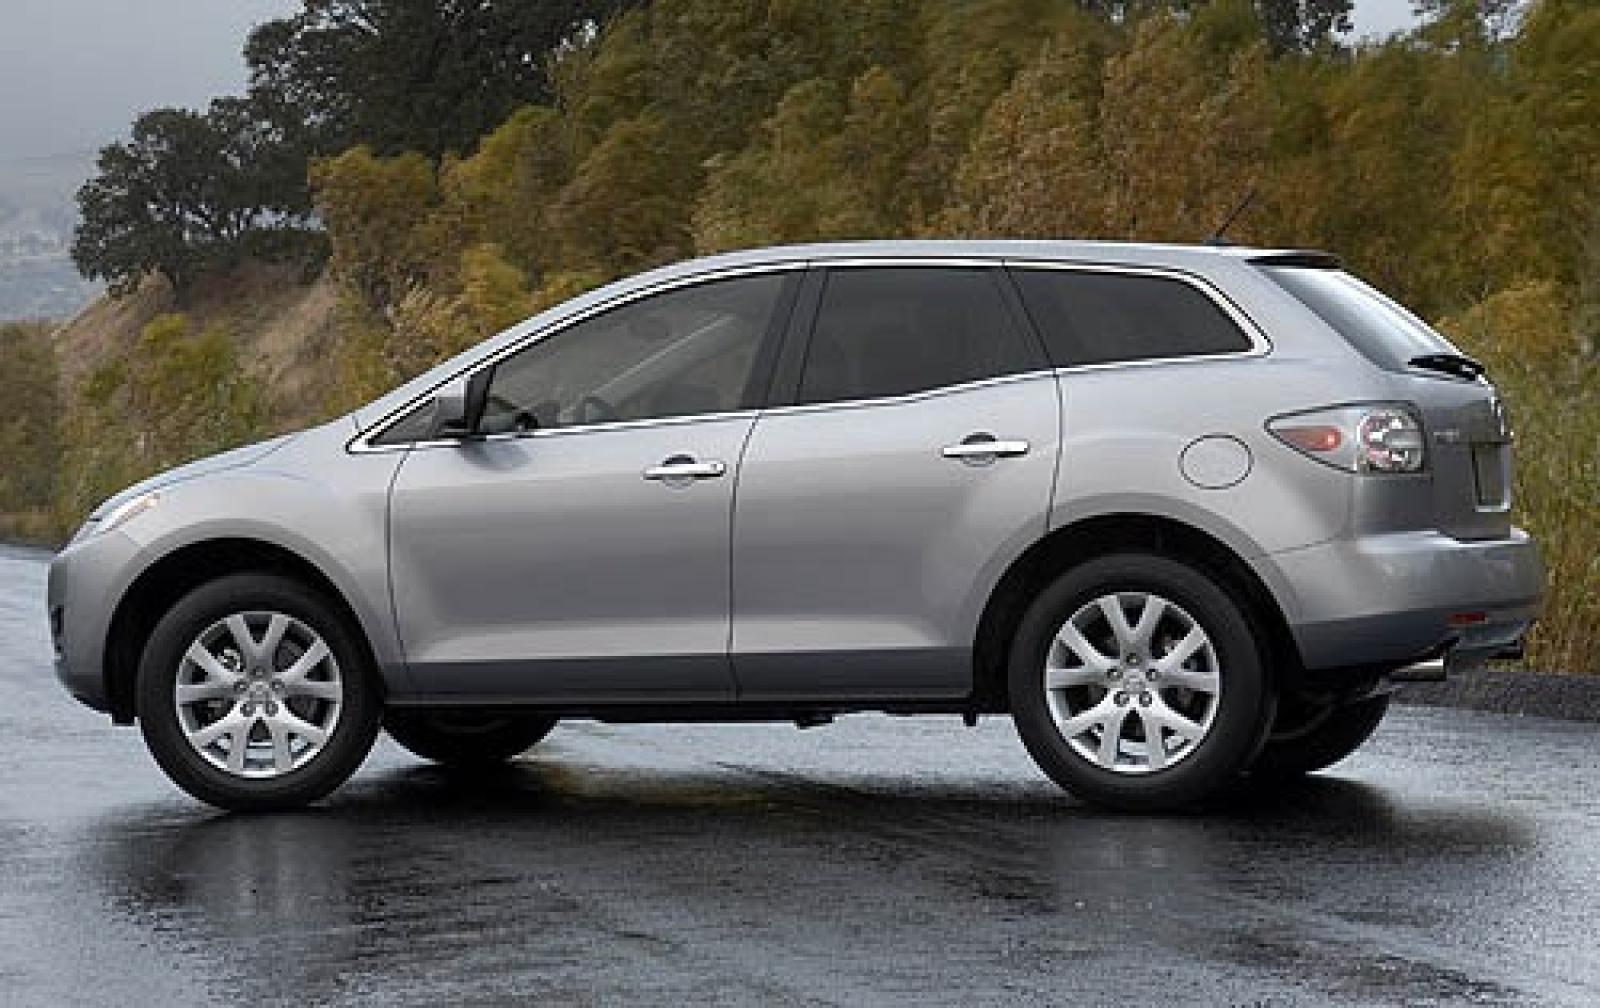 800 1024 1280 1600 Origin 2008 Mazda Cx 7